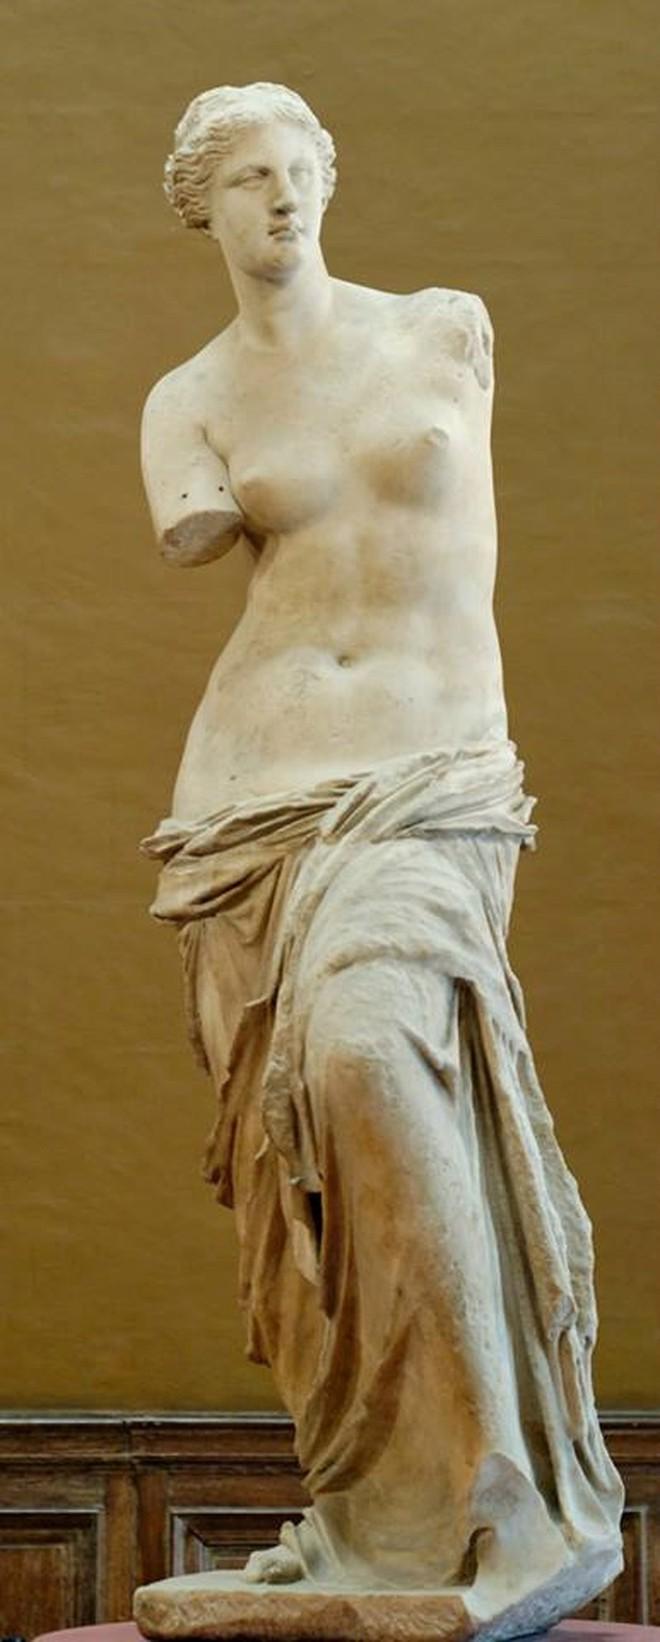 Bạn đã biết gì về 15 kiệt tác nghệ thuật ở Bảo tàng Louvre, Pháp chưa? - Ảnh 9.